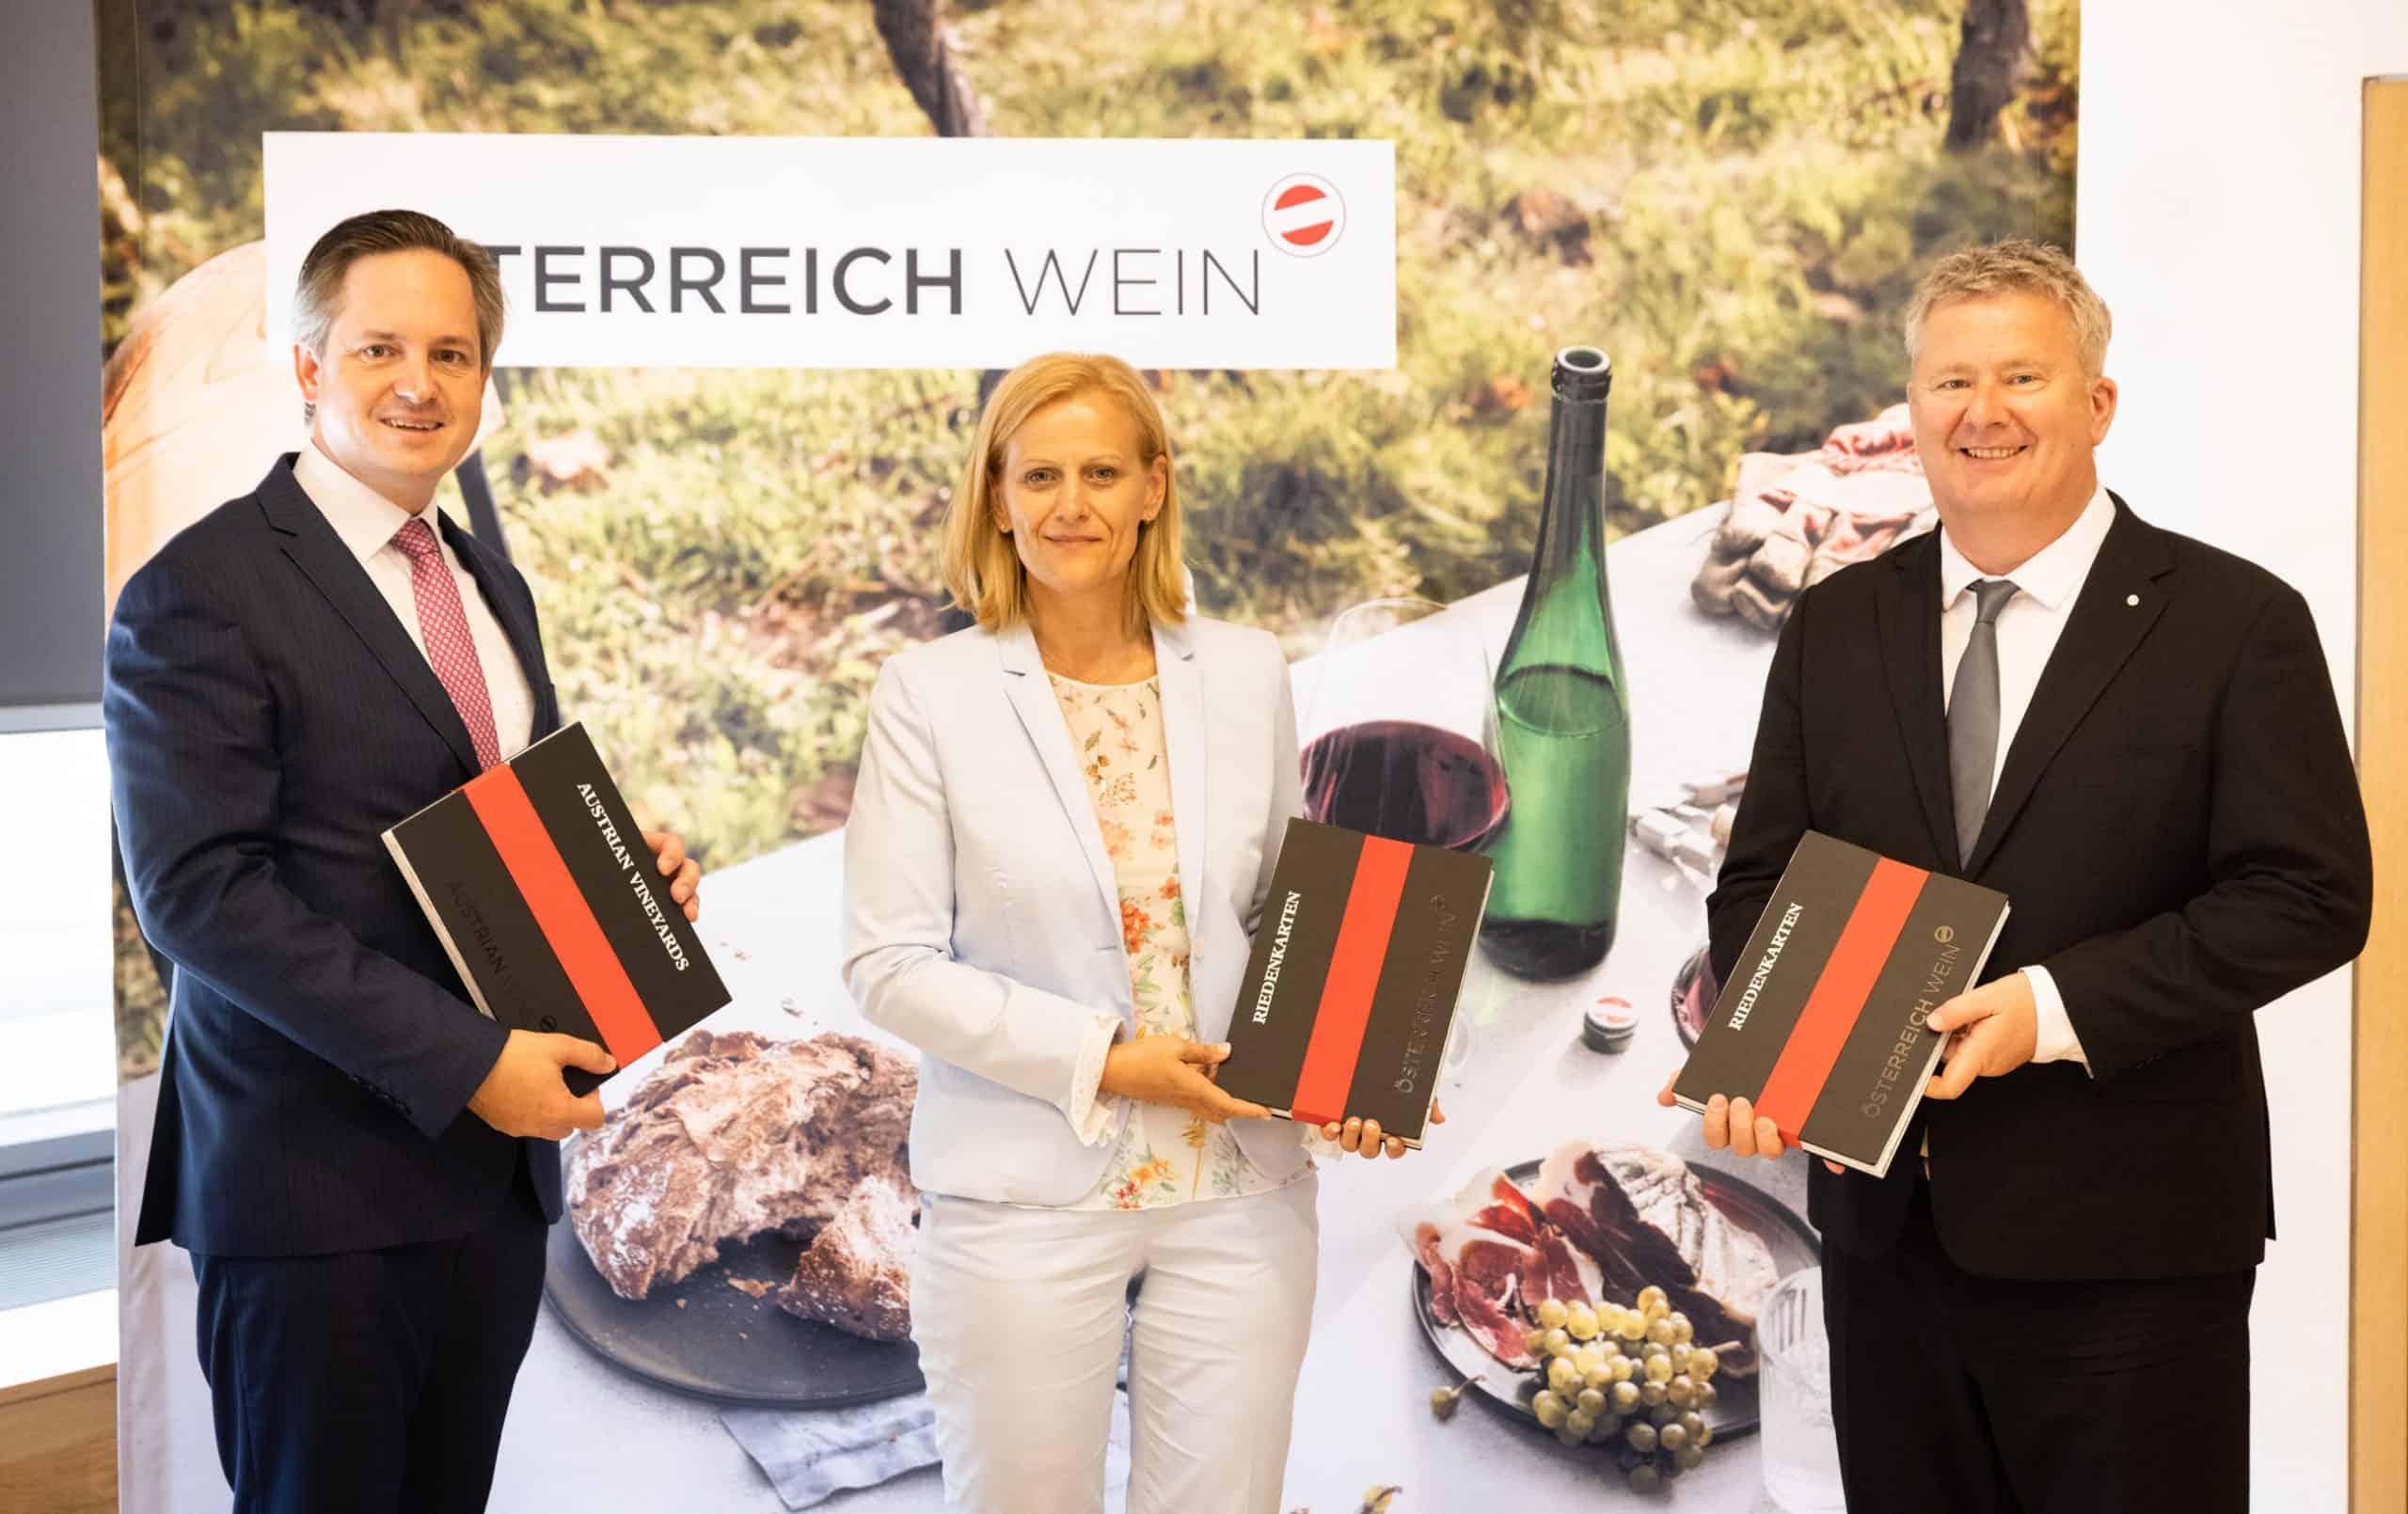 BILD zu OTS - v.l.n.r.: Johannes Schmuckenschlager (PrŠsident …sterreichischer Weinbauverband), Susanne Ertler-Staggl (Projektleitung …WM), Chris Yorke (GeschŠftsfŸhrung …WM)